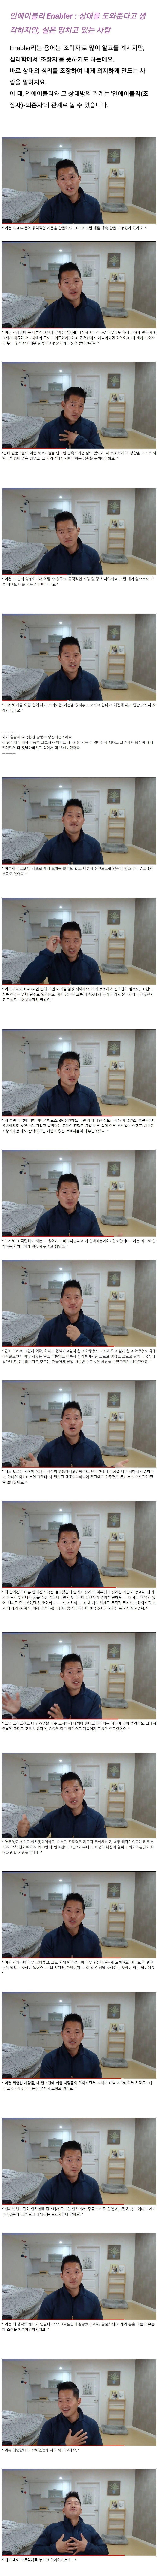 (스압주의)강형욱이 최근 라이브 방송에서 밝힌 복잡한 진심.txt | 인스티즈